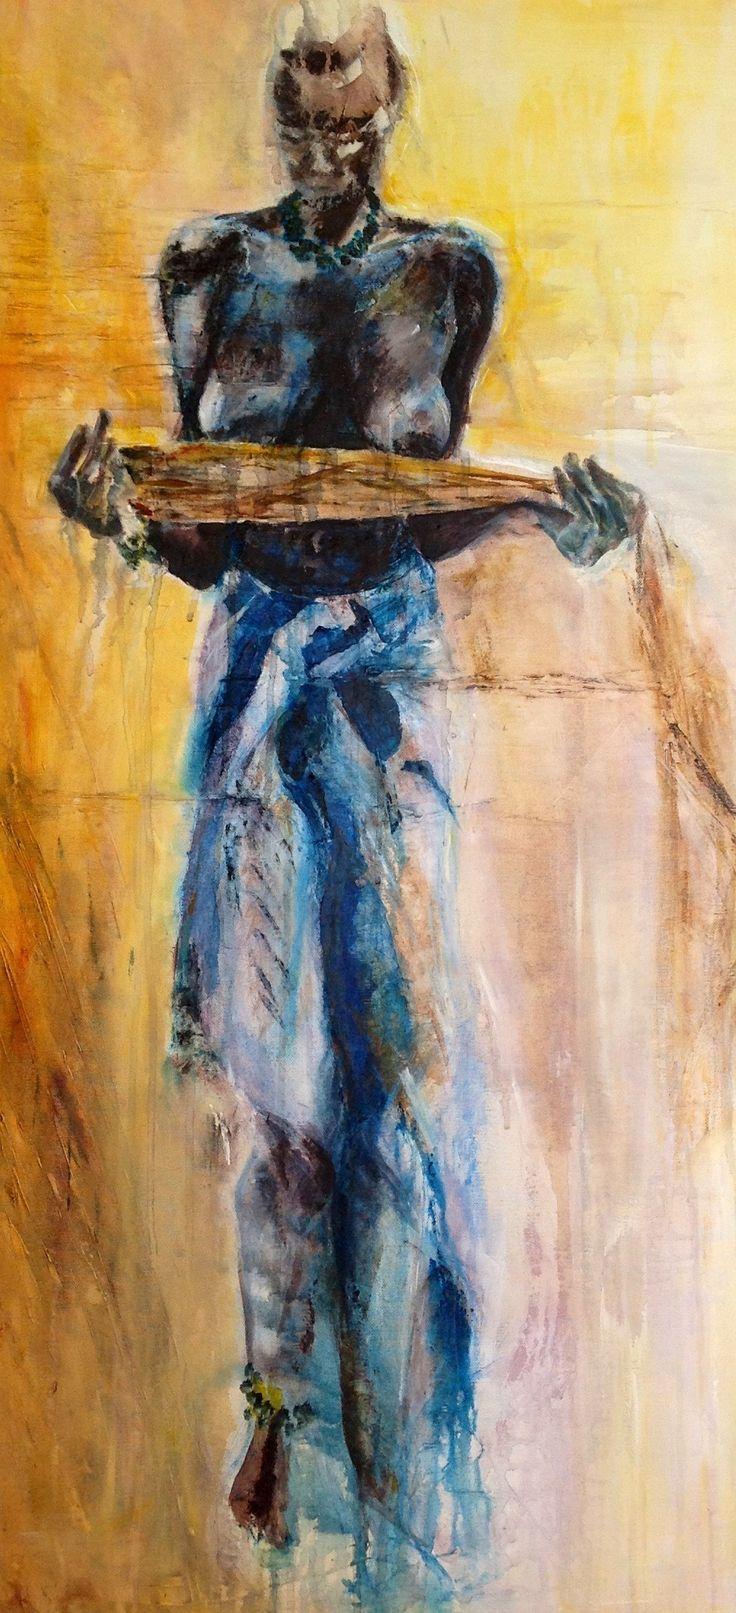 L'Afrique et son Art sur #kazoart